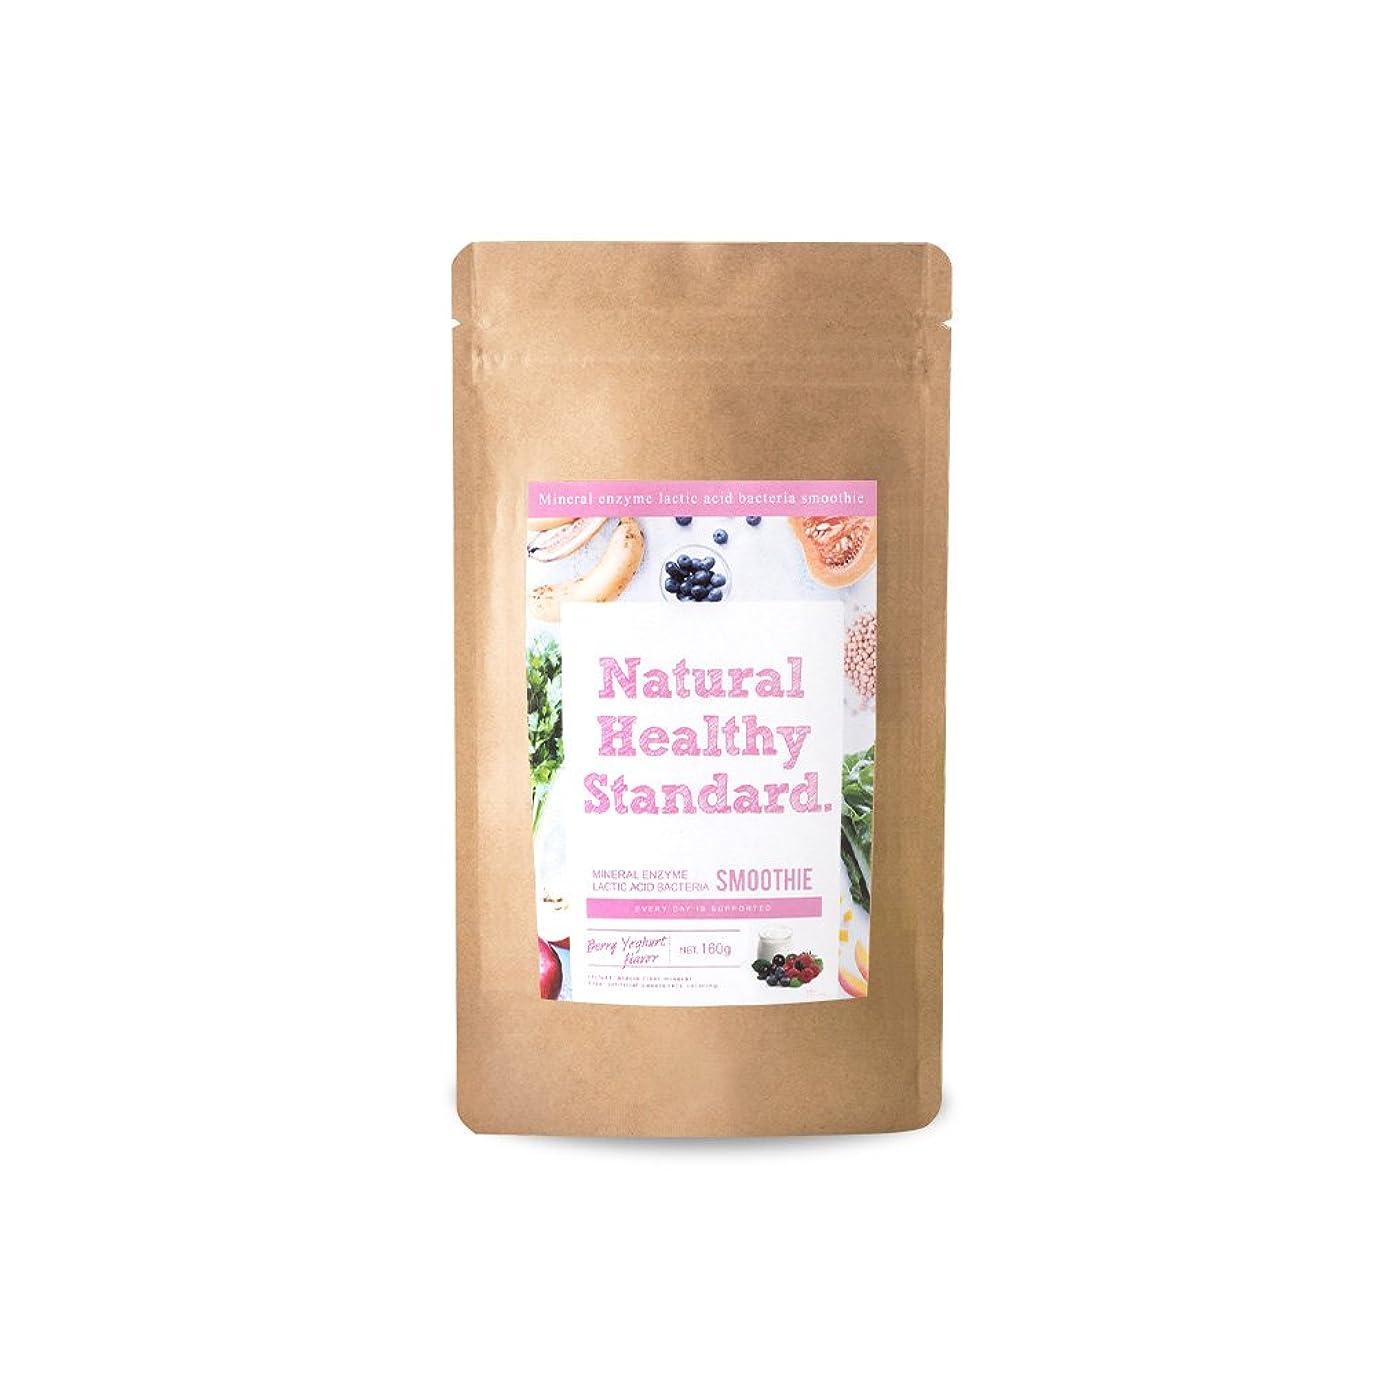 さようならと闘うズボンNatural Healthy Standard. ミネラル酵素スムージー乳酸菌ベリーヨーグルト味 160g